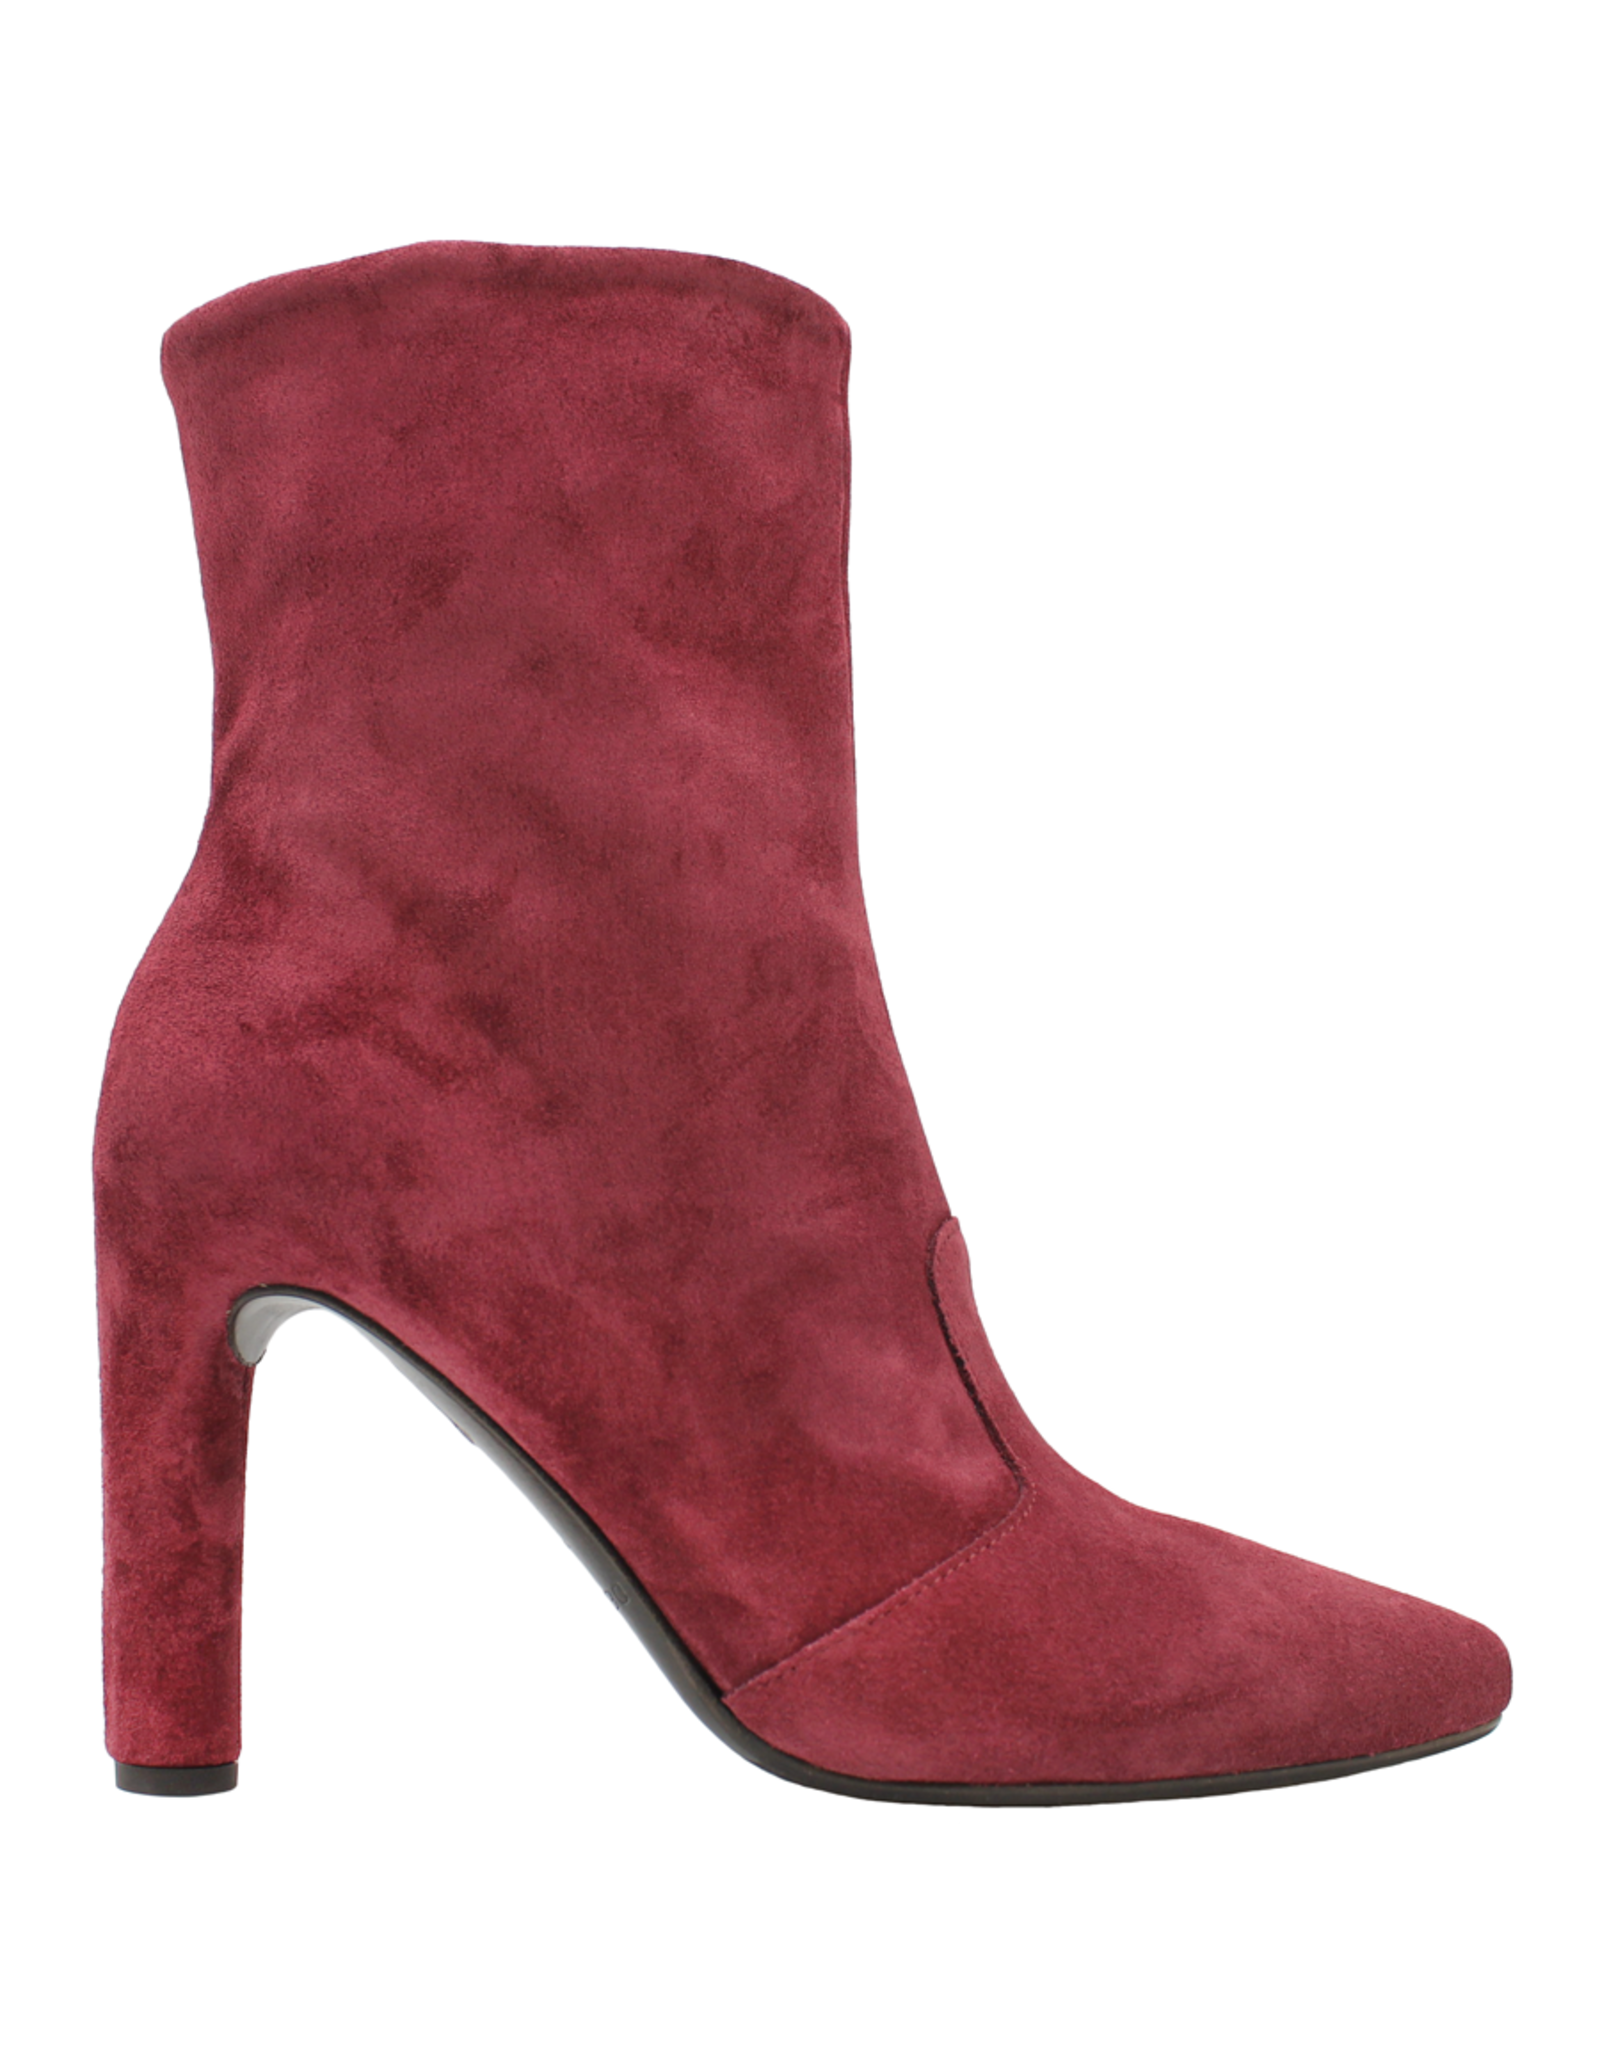 Del Carlo DelCarlo Raspberry Suede High Heel Ankle Boot 6440